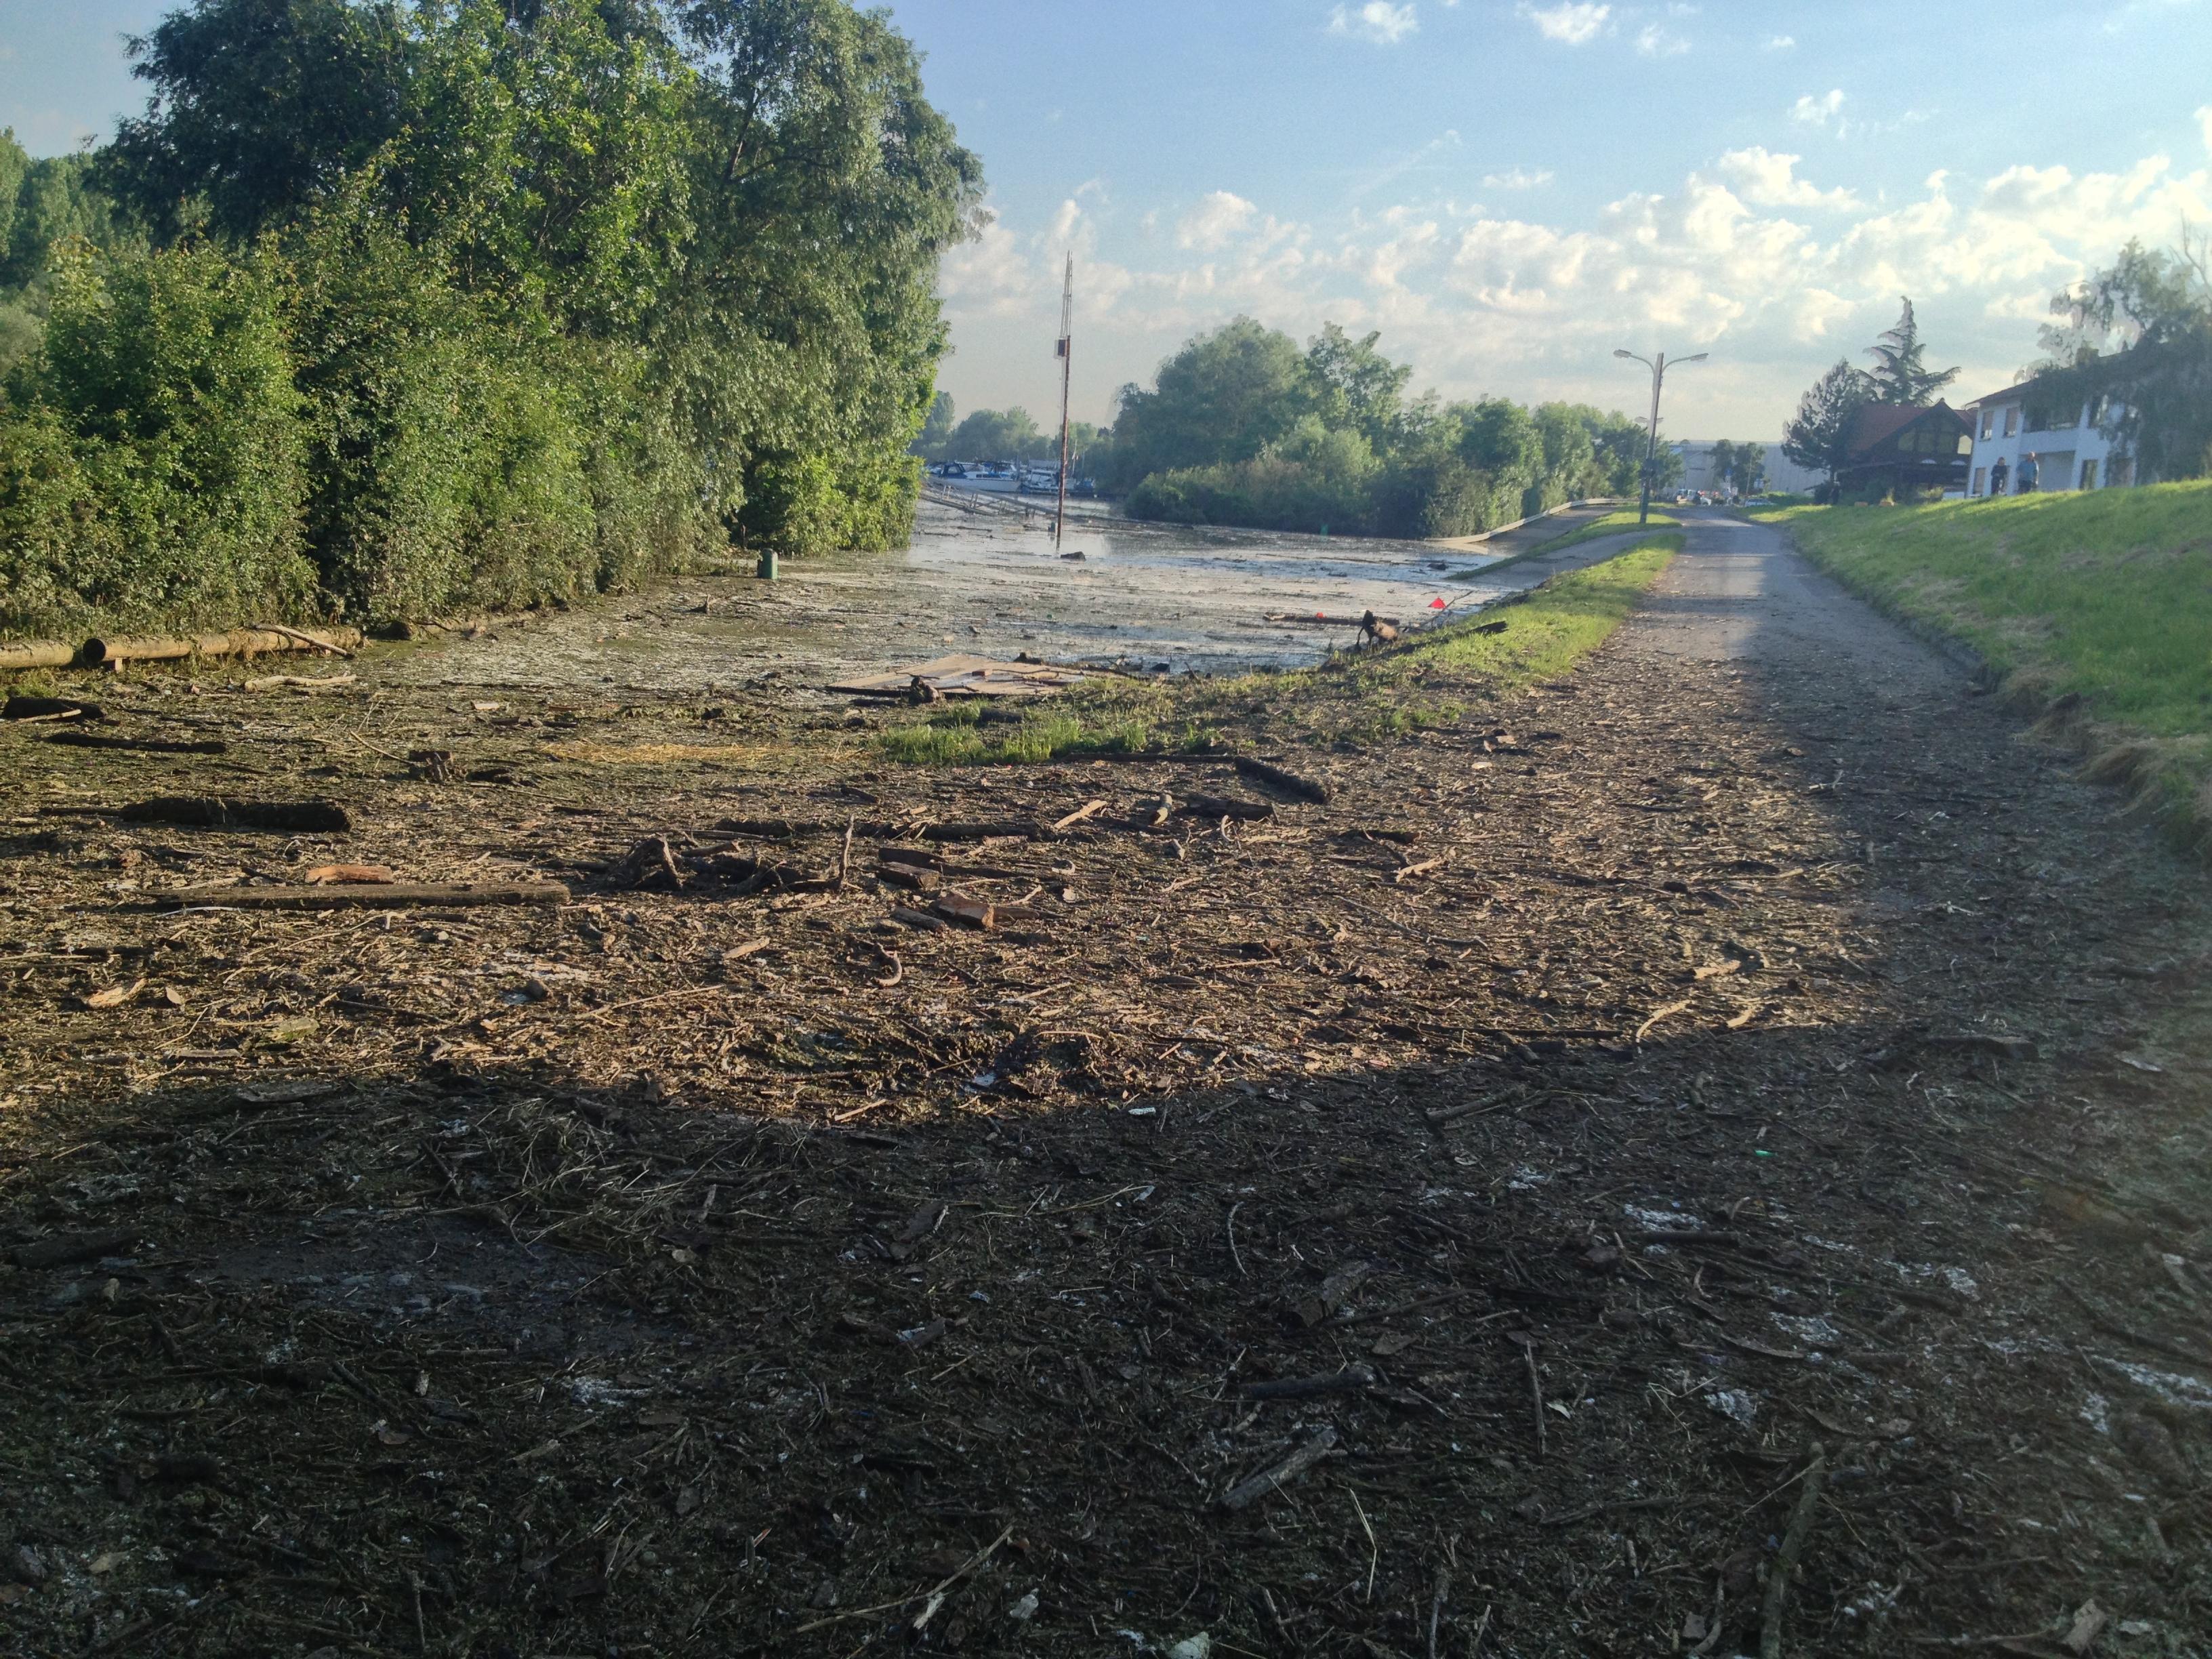 Hochwasser auf dem Biedensand in Lampertheim. Aufgenommen am 07.06.2013